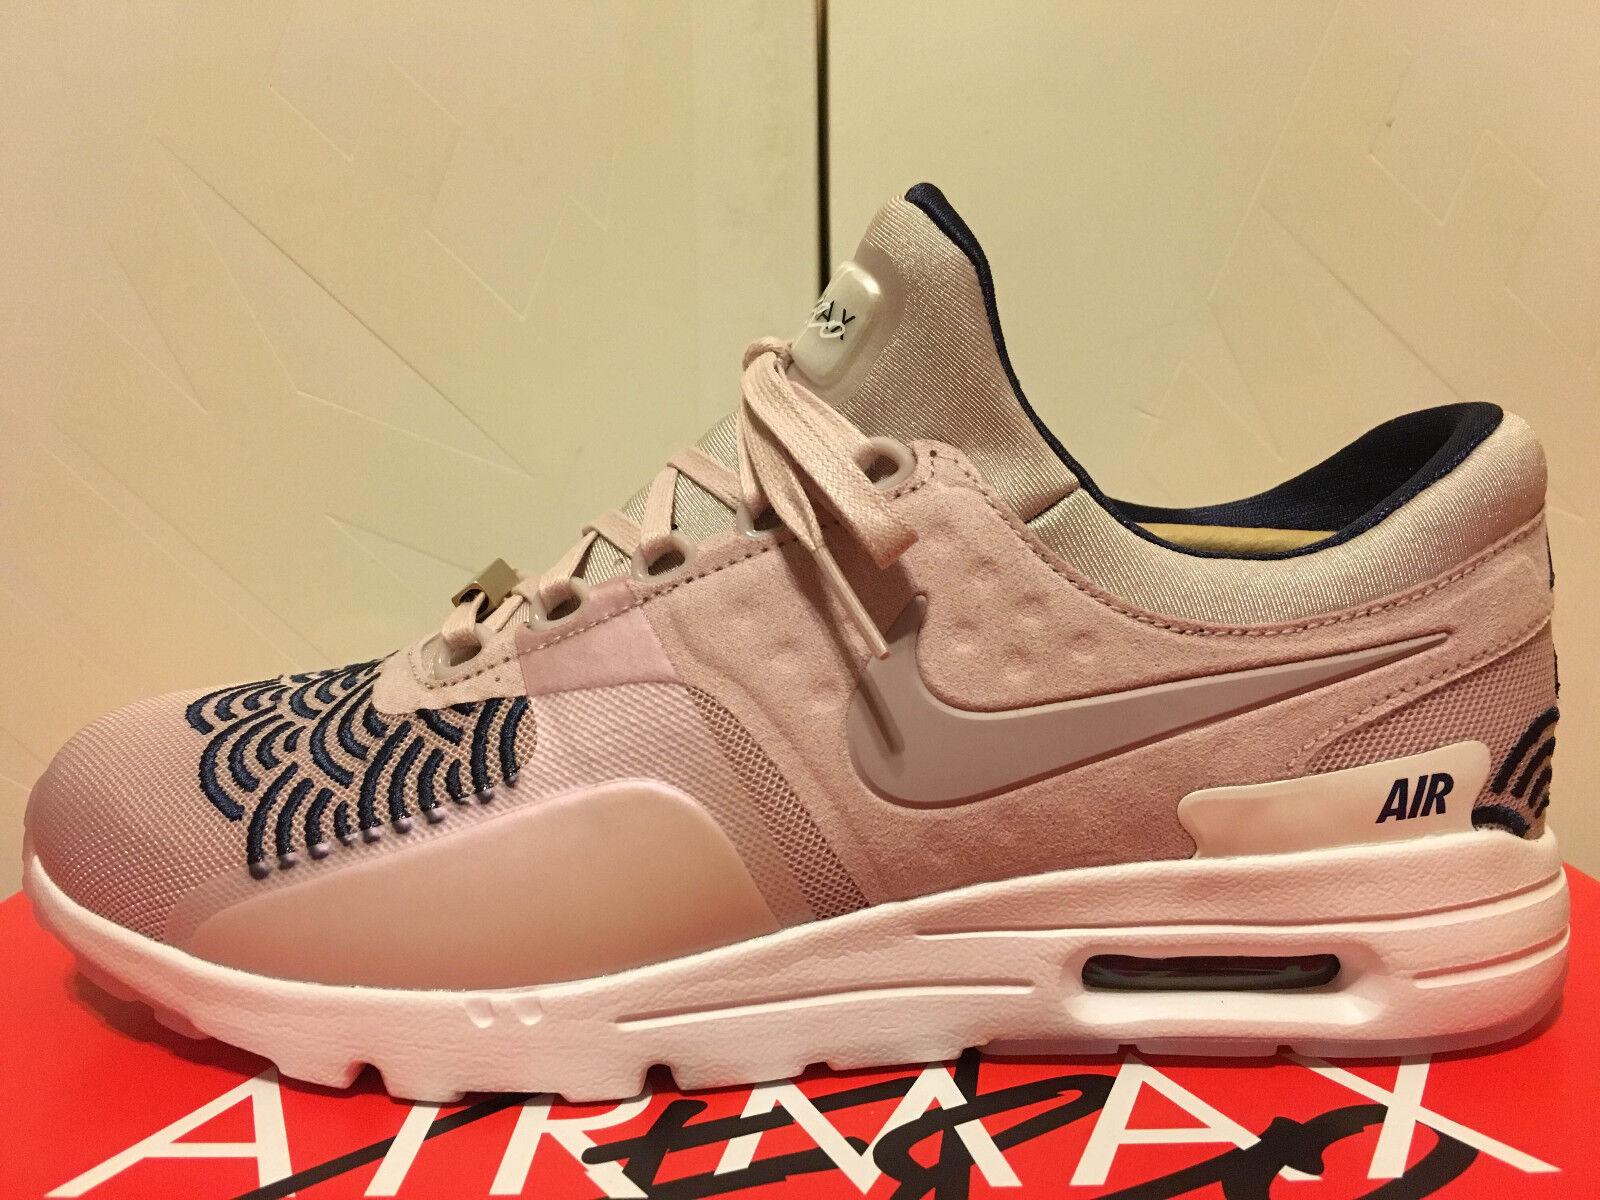 Nike Womens Air Max Zero LOTC QS Tokyo Champagne Champagne Champagne 847125-600 6-10 1 11 90 city 57f81f